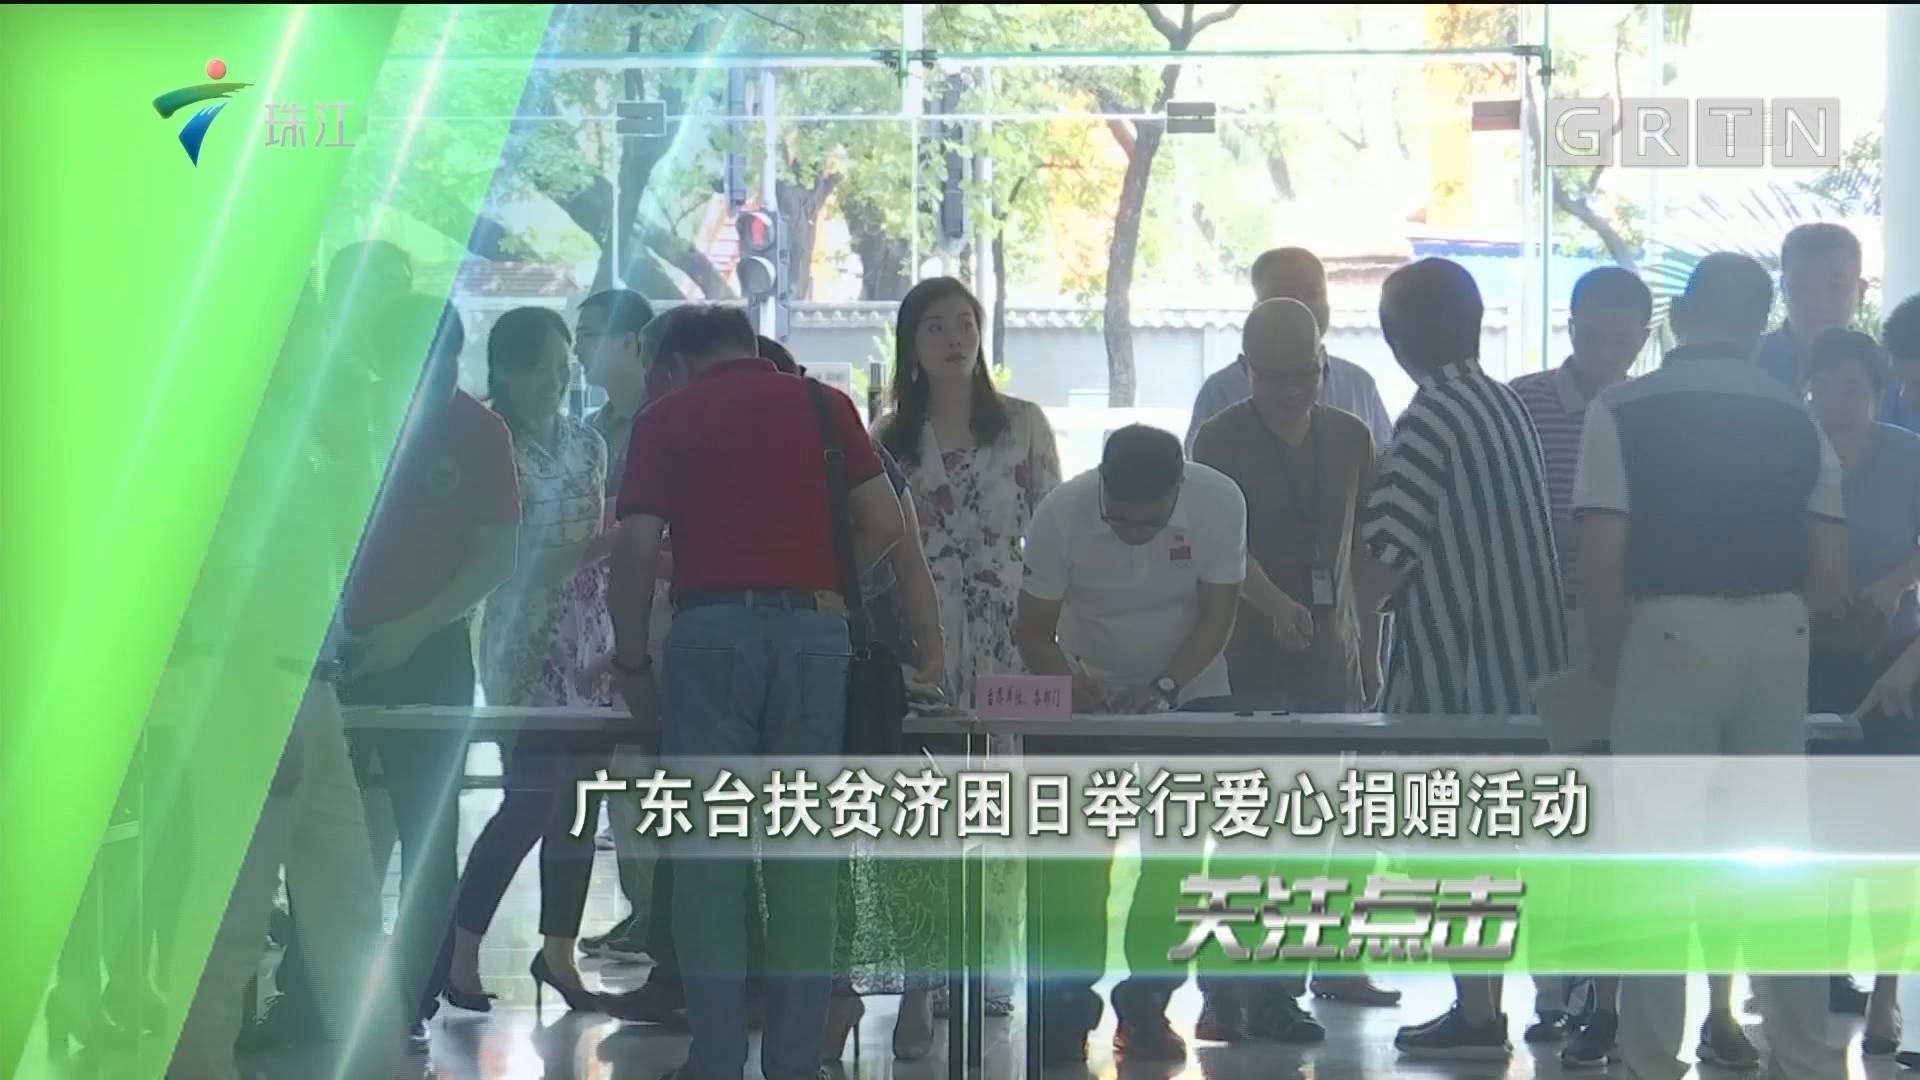 广东台扶贫济困日举行爱心捐赠活动